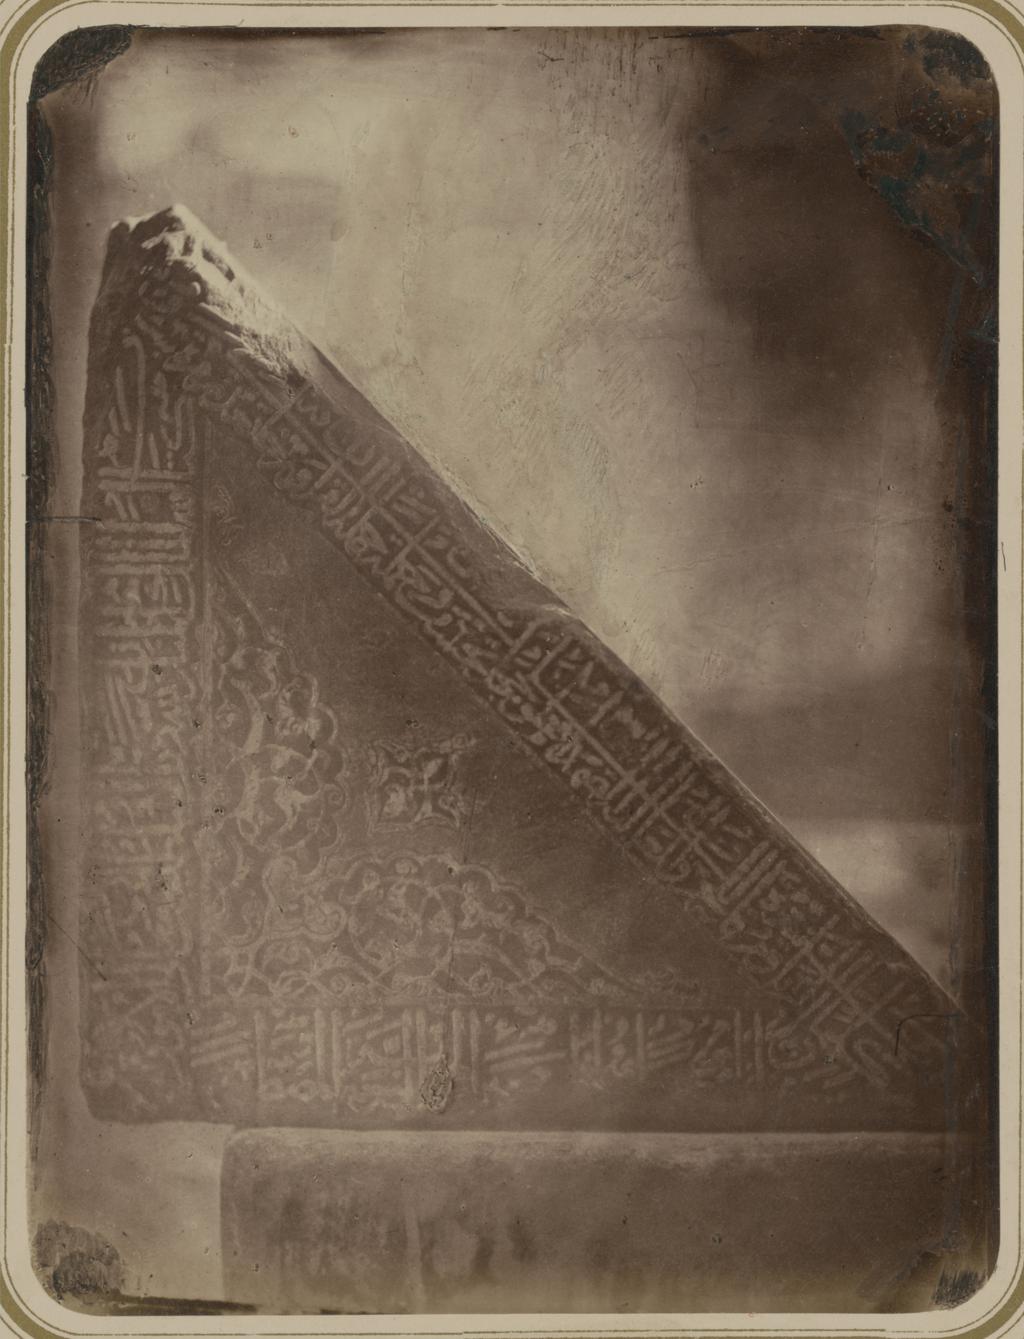 Медресе Биби Ханым. Соборная мечеть. Надпись на задней стороне мраморного пюпитра (лау)